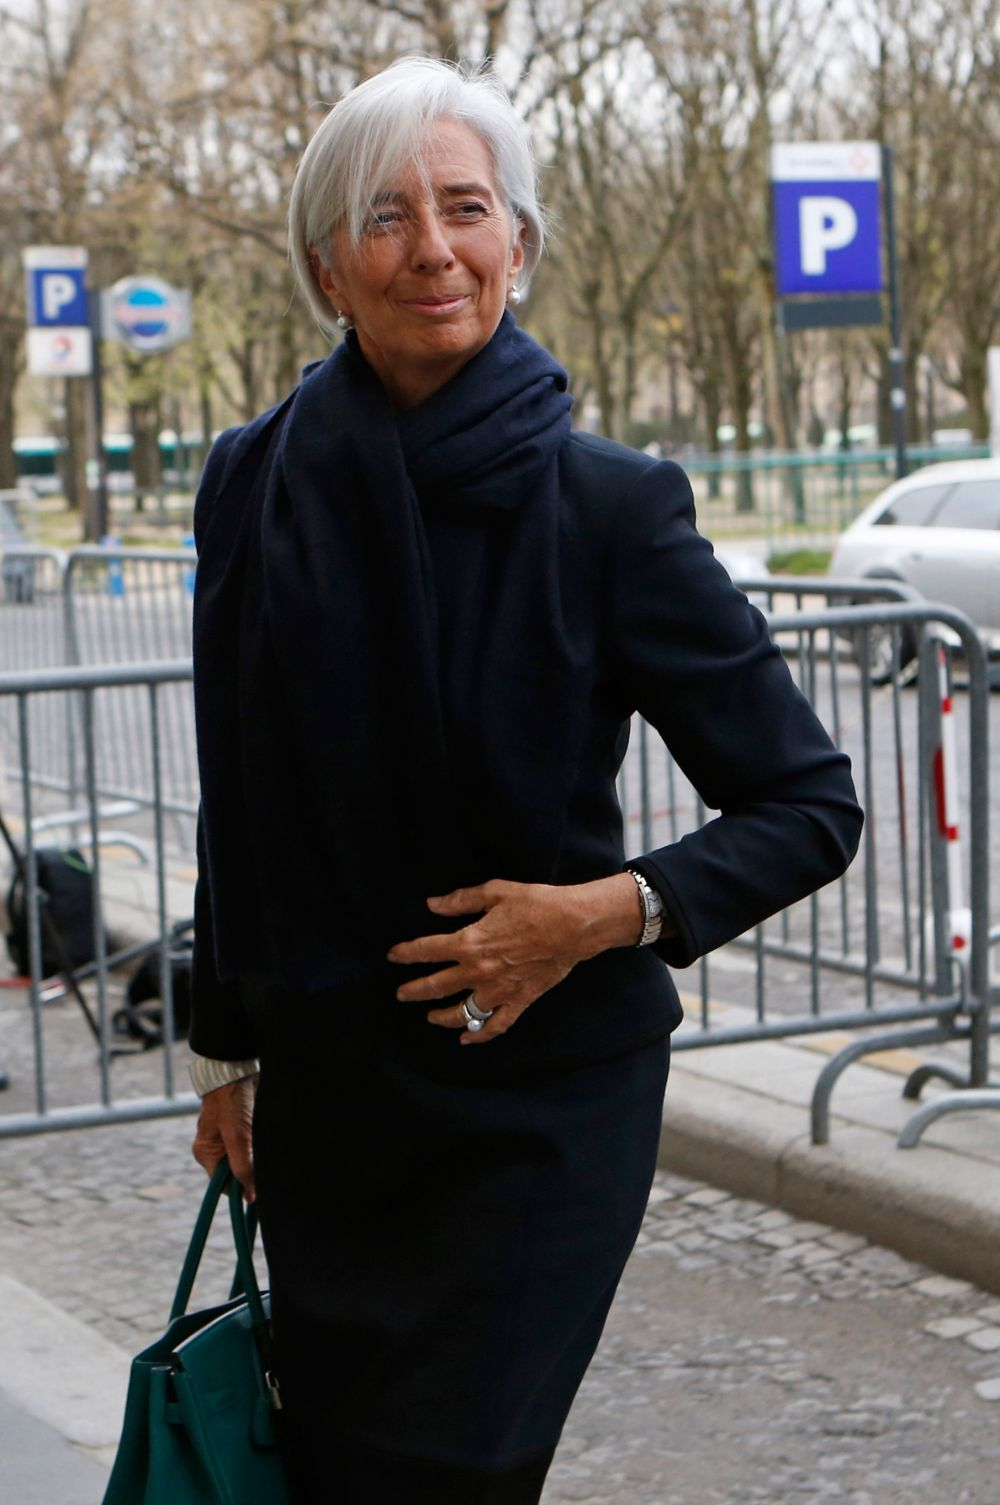 Кристин Лагард сейчас возглавляет Международный валютный фонд, а прежде на протяжении почти тридцати лет работала в компании Baker & McKenzie. После получения высшего образования она начала с должности адвоката, но постепенно доросла до главы Baker & McKenzie, одной из крупнейших в мире юридических фирм. Сейчас французы сранивают её с Марией-Антуанеттой за прямоту и решительность.